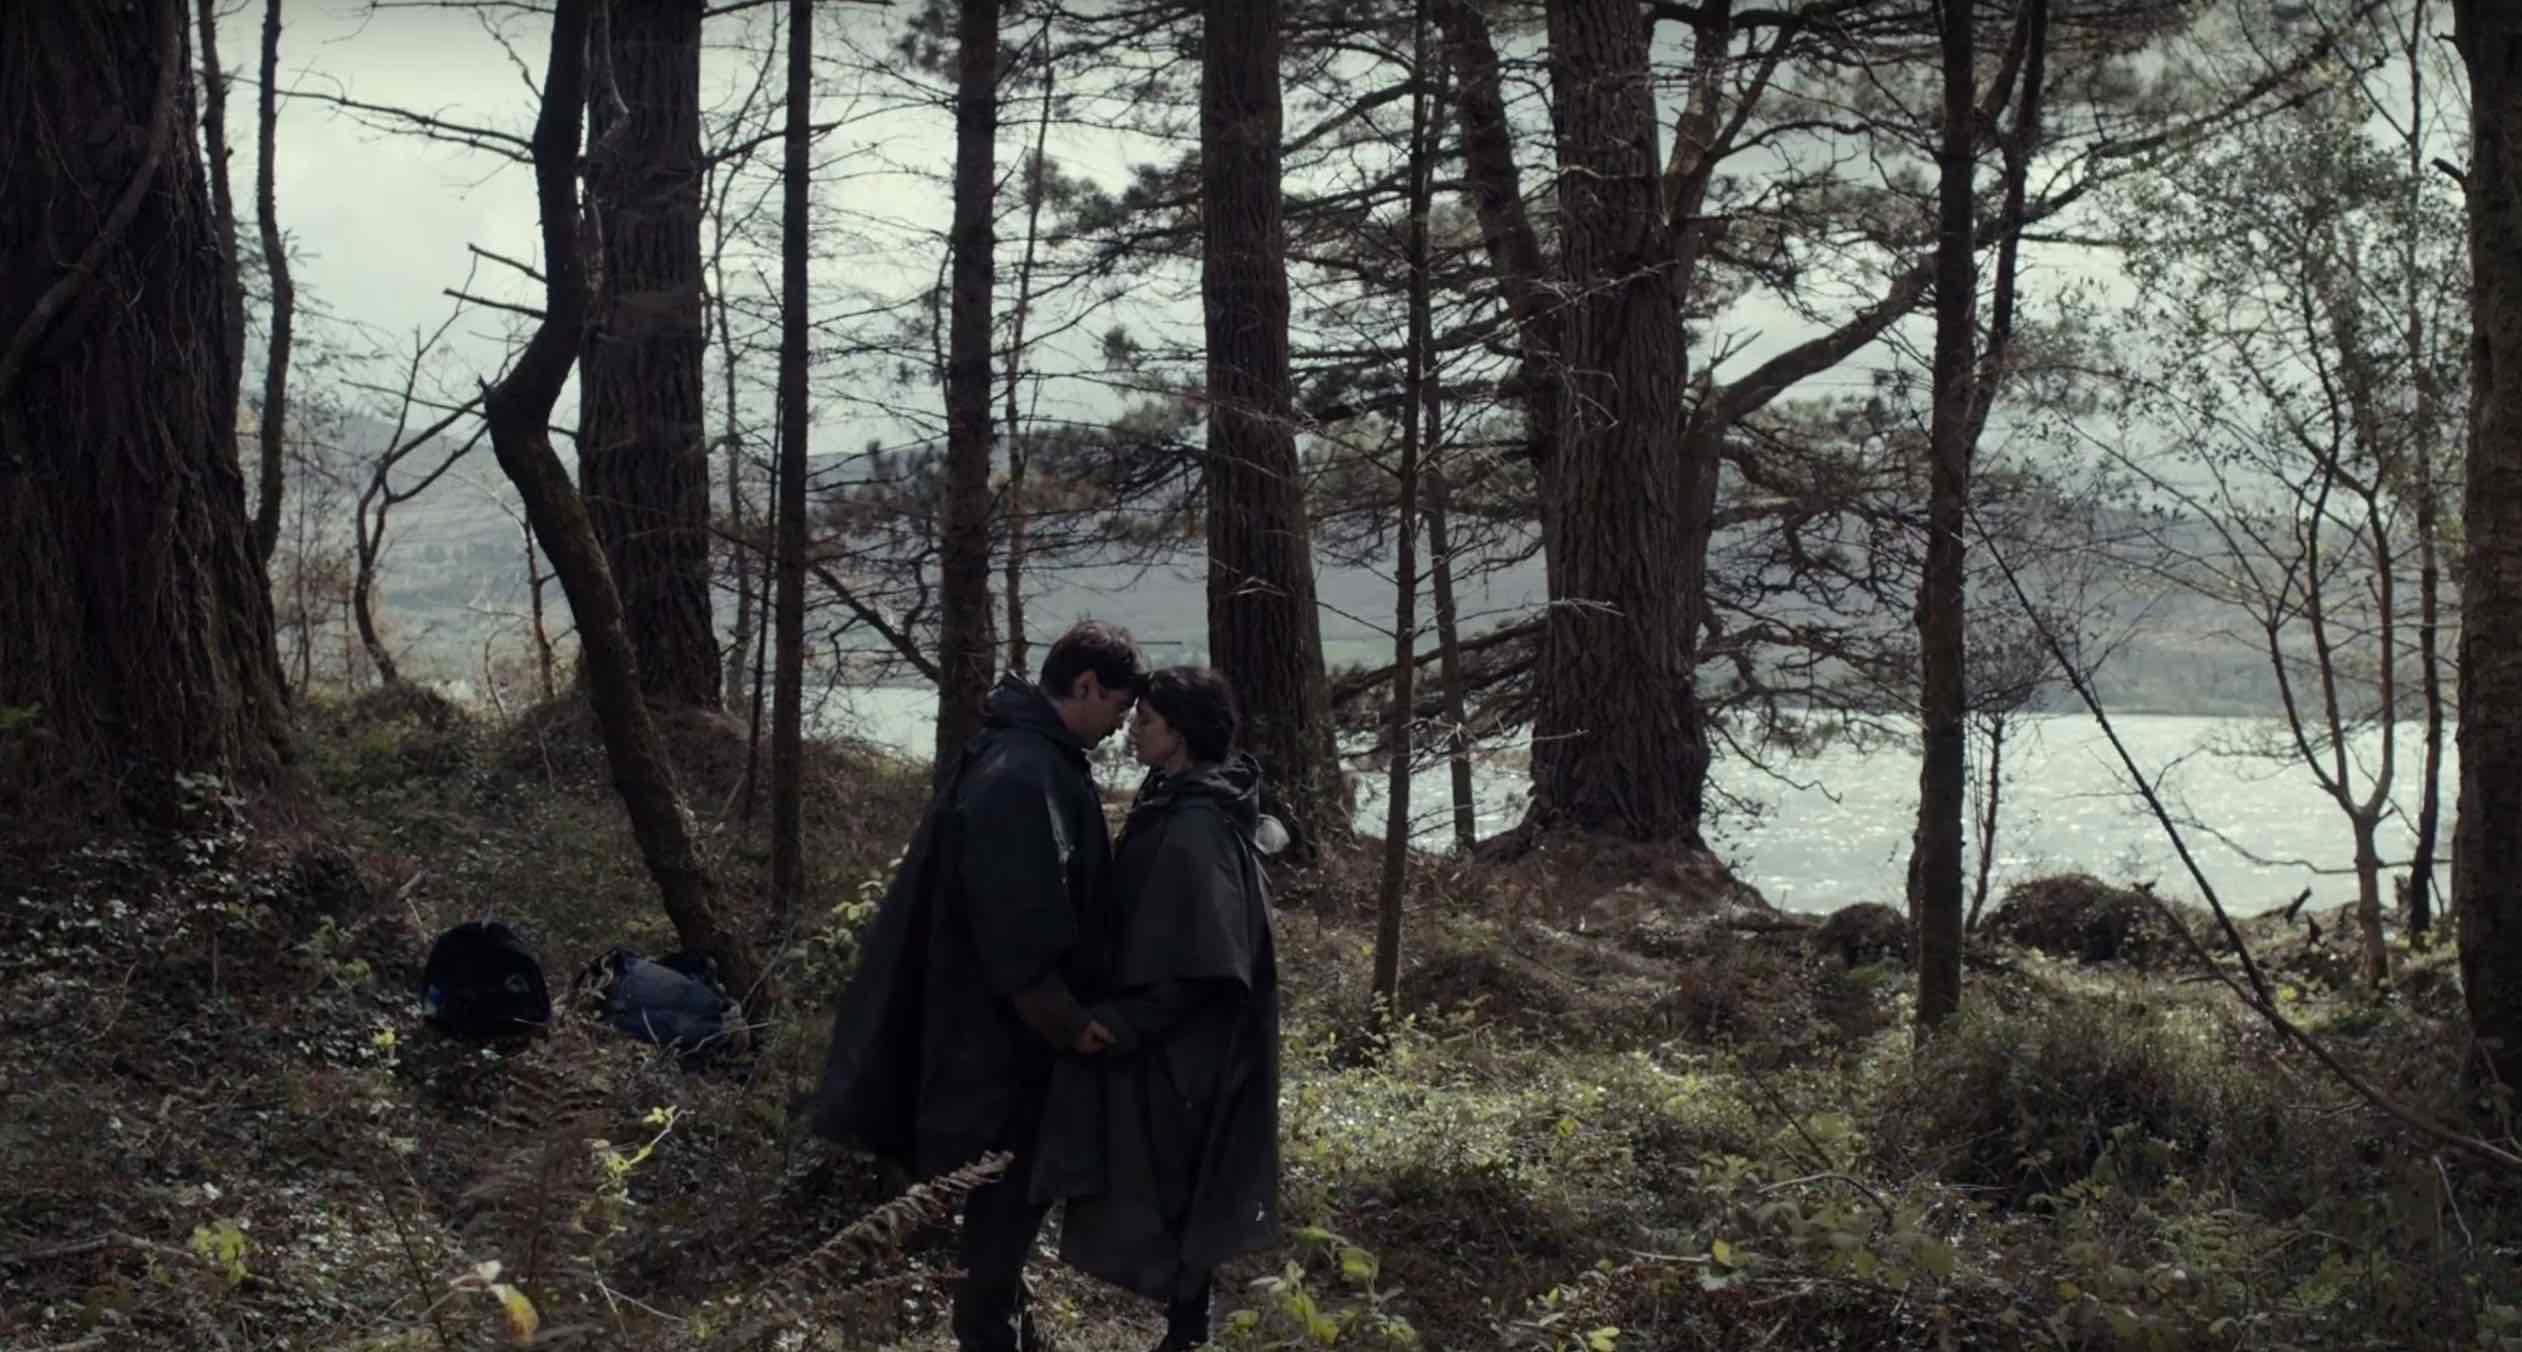 Langosta - filmfilicos blog de cine